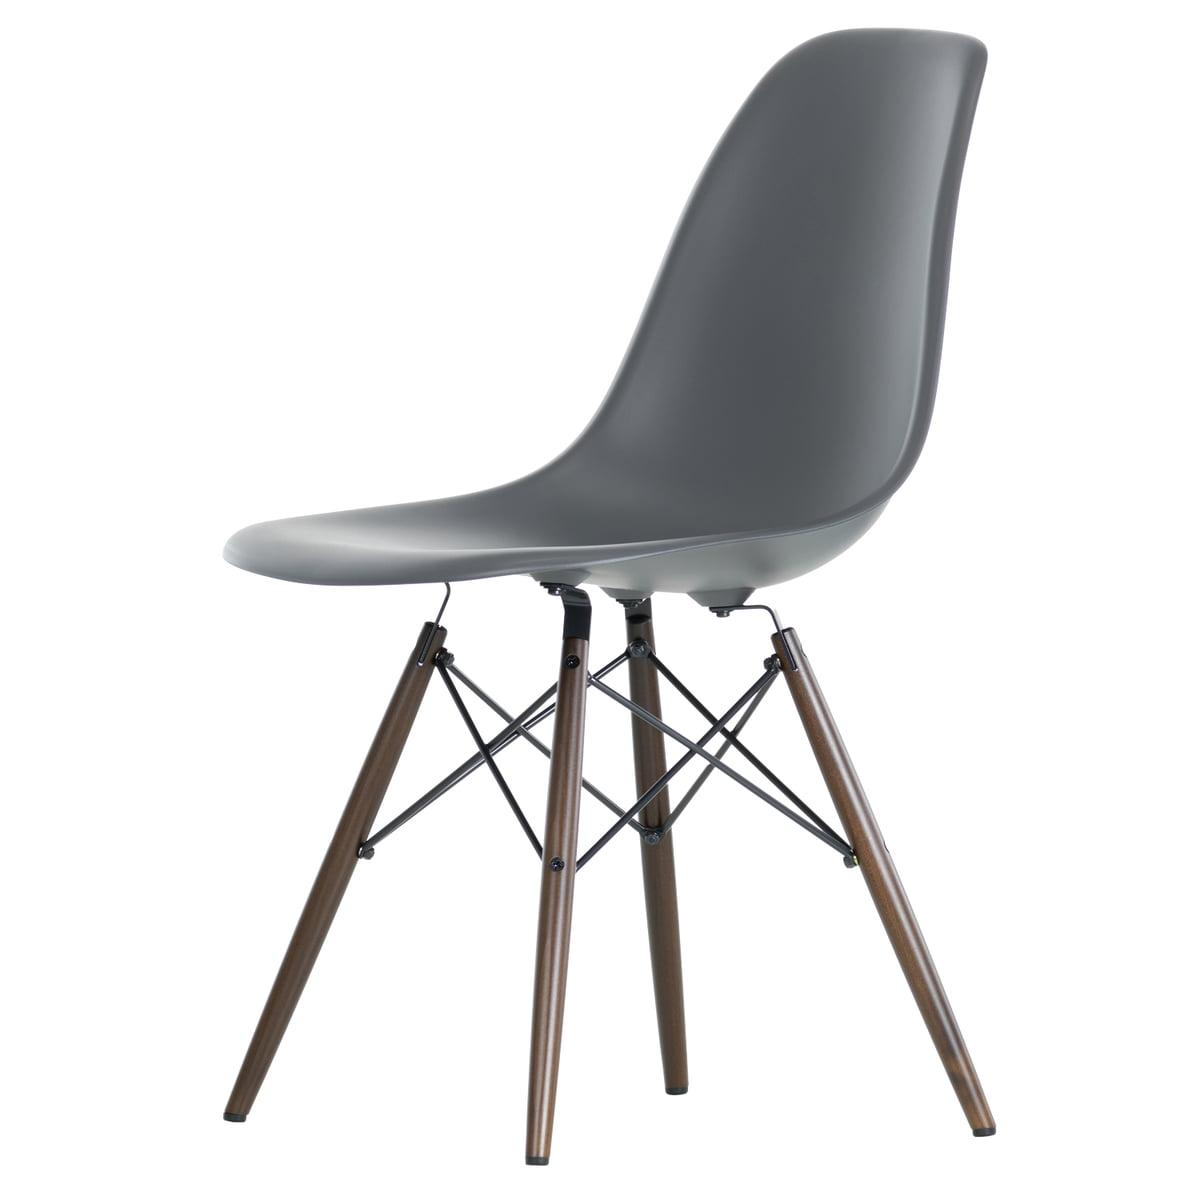 Eames Plastic Side Chair DSW (H 41 cm), Ahorn dunkel / basalt, Filzgleiter (schwarz)